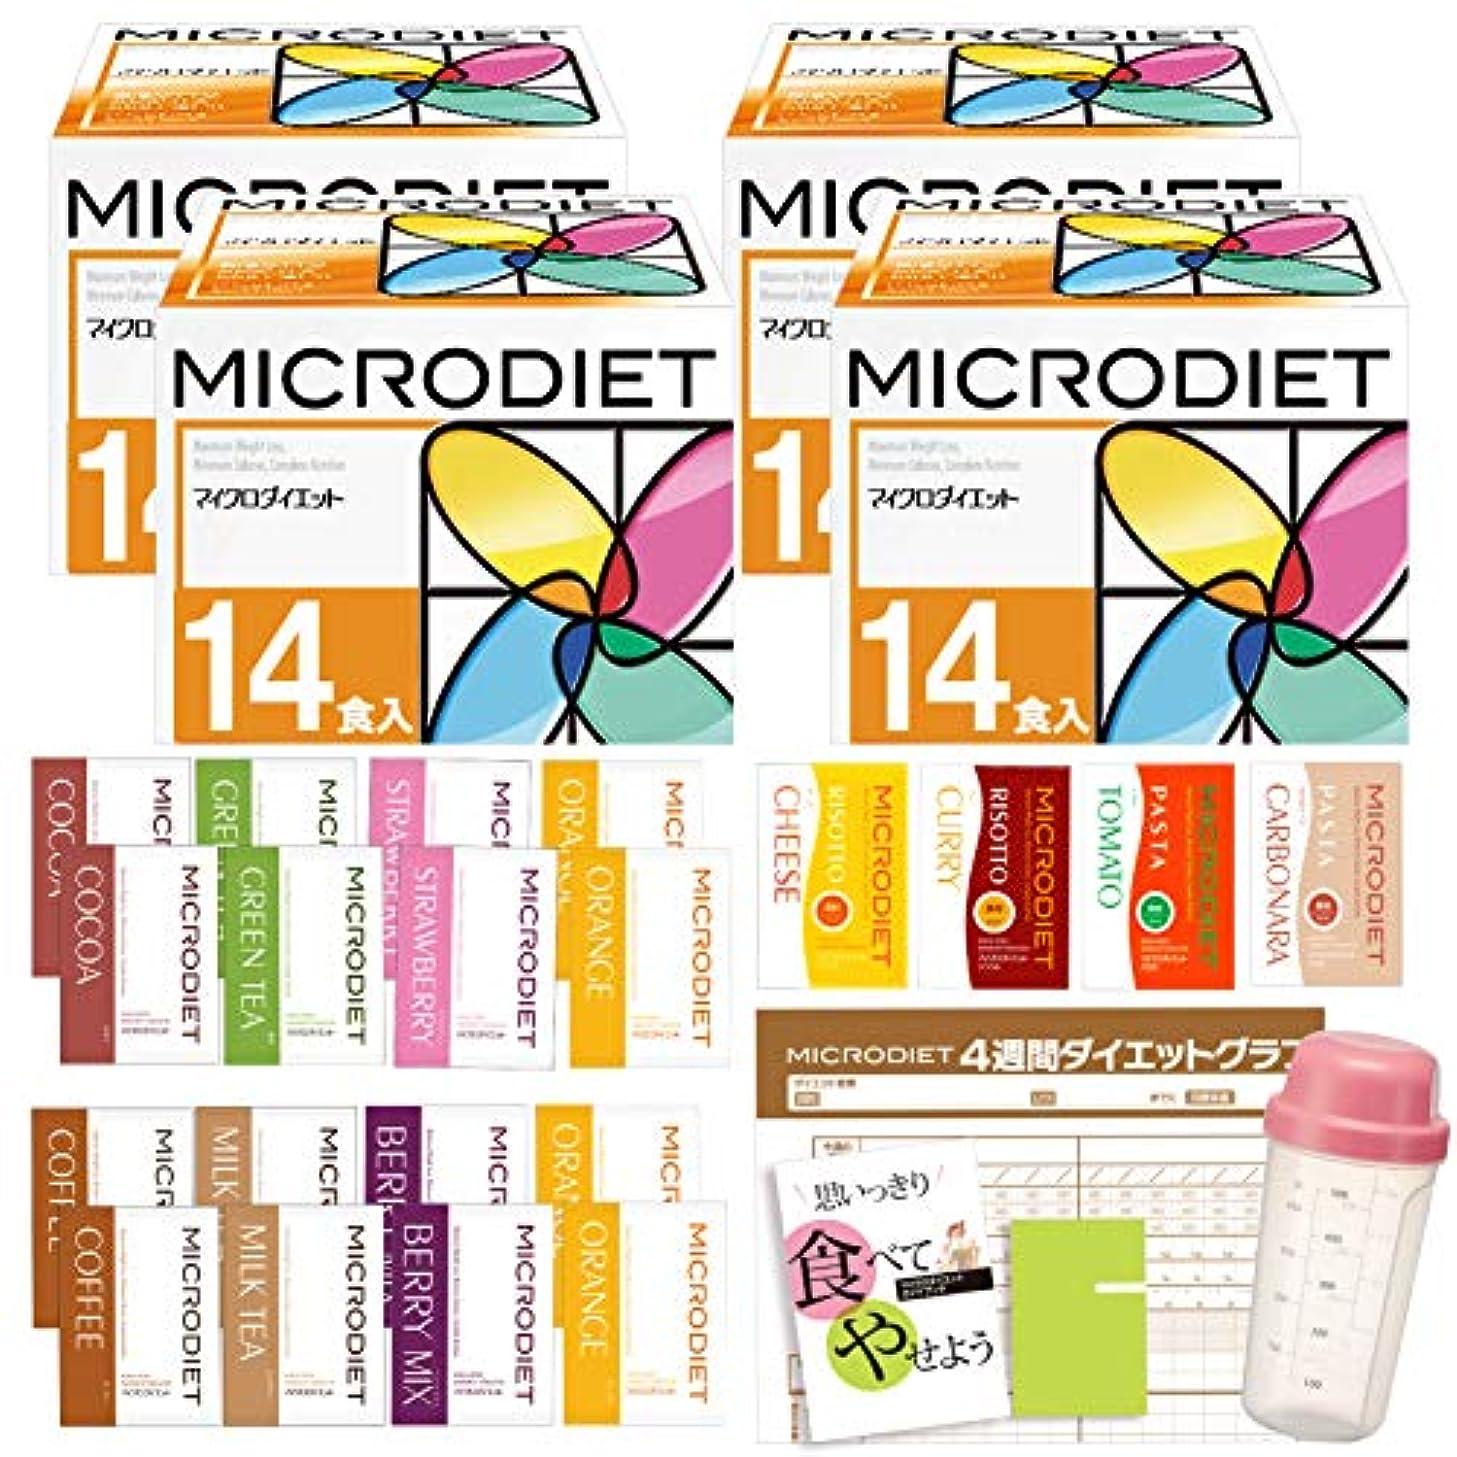 小康再編成する追放マイクロダイエット4箱セット(リゾット&パスタ4箱:D1004)